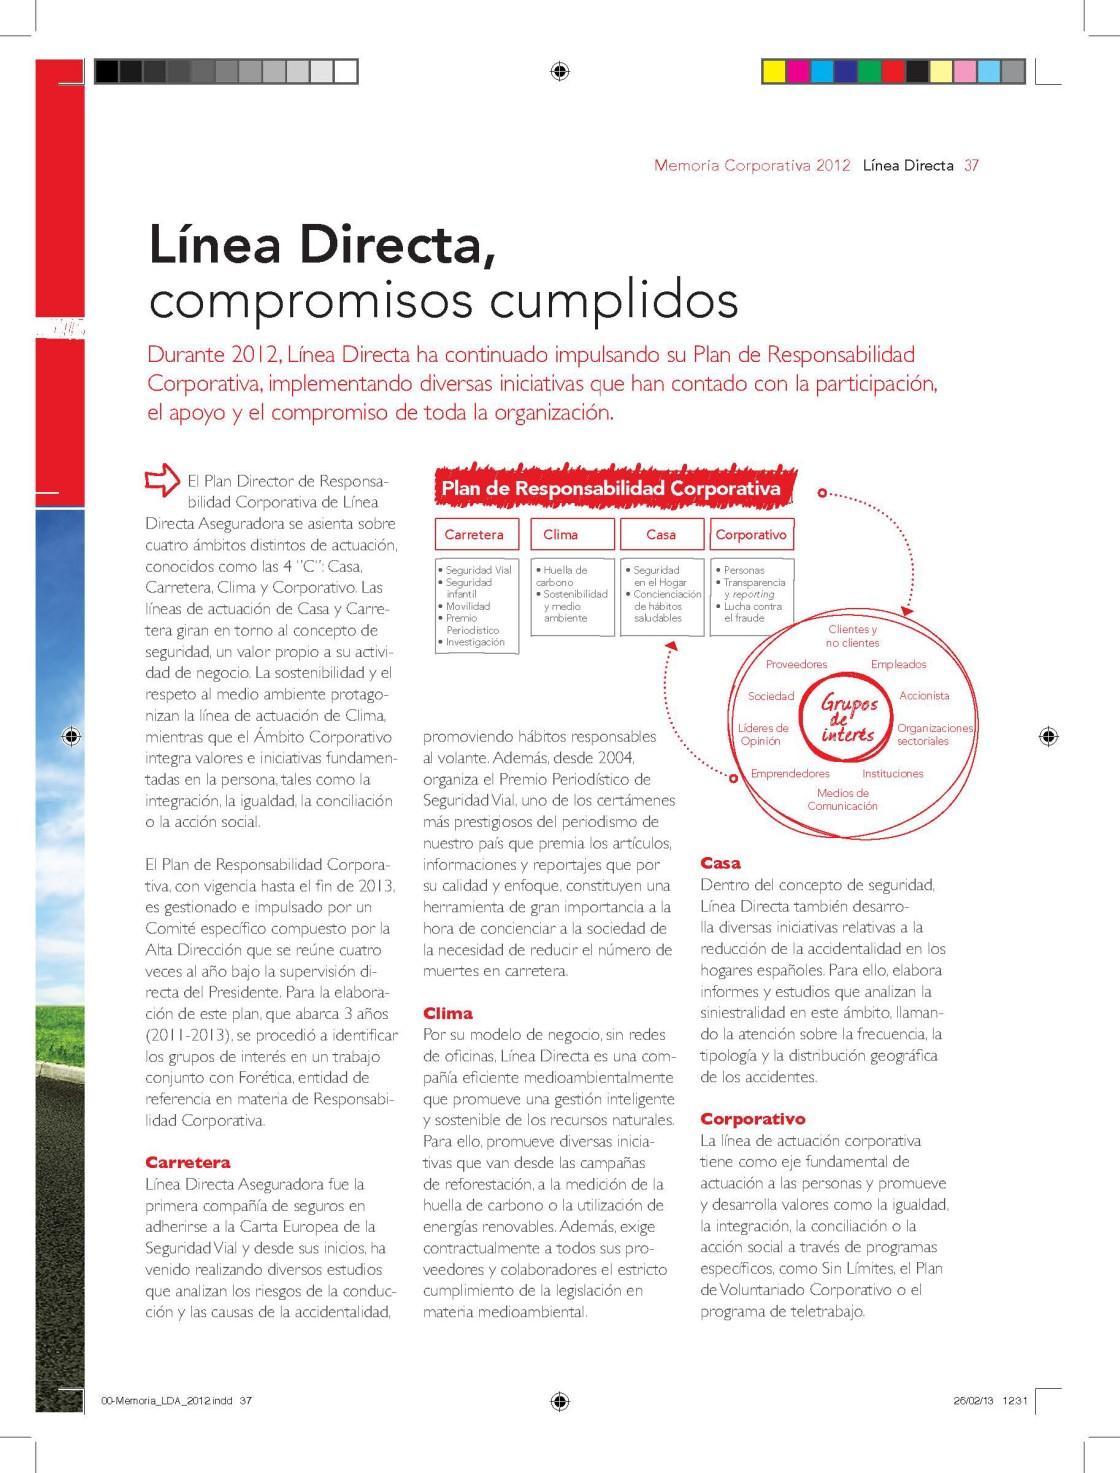 Memoria_LDA_2012_Page_37